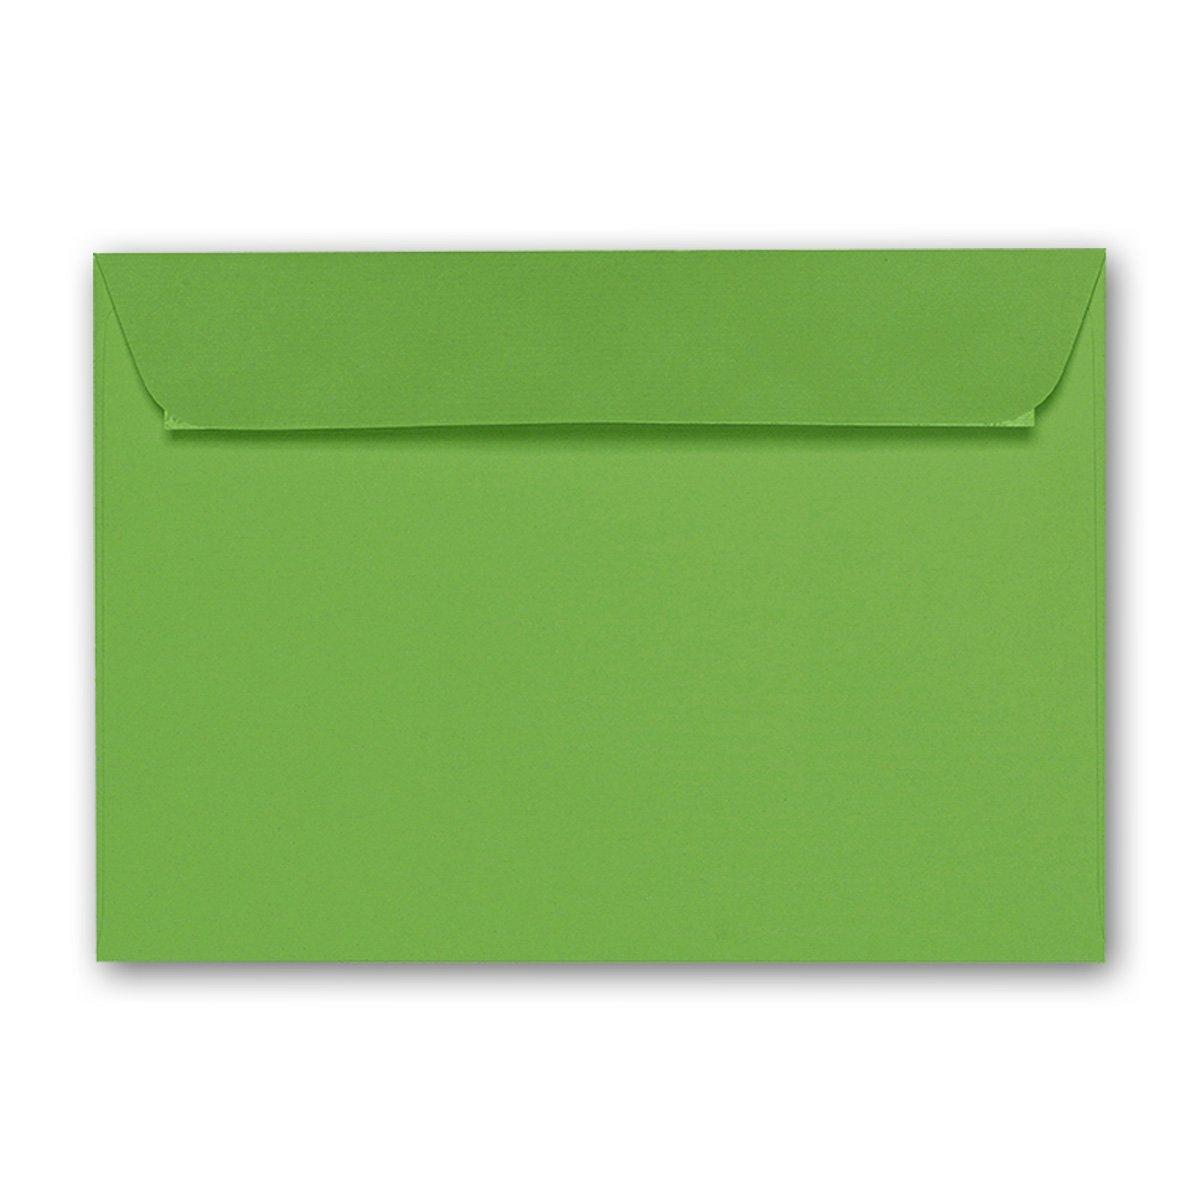 ARTOZ 200x Briefumschläge Din C6 Flieder I 16,2 16,2 16,2 x 11,4 cm KuGrün ohne Fenster I Umschläge Selbstklebend haftklebend I Serie Artoz 1001 B07GZPRY3T   Haltbarkeit    Starke Hitze- und Hitzebeständigkeit    Förderung  36ee8f